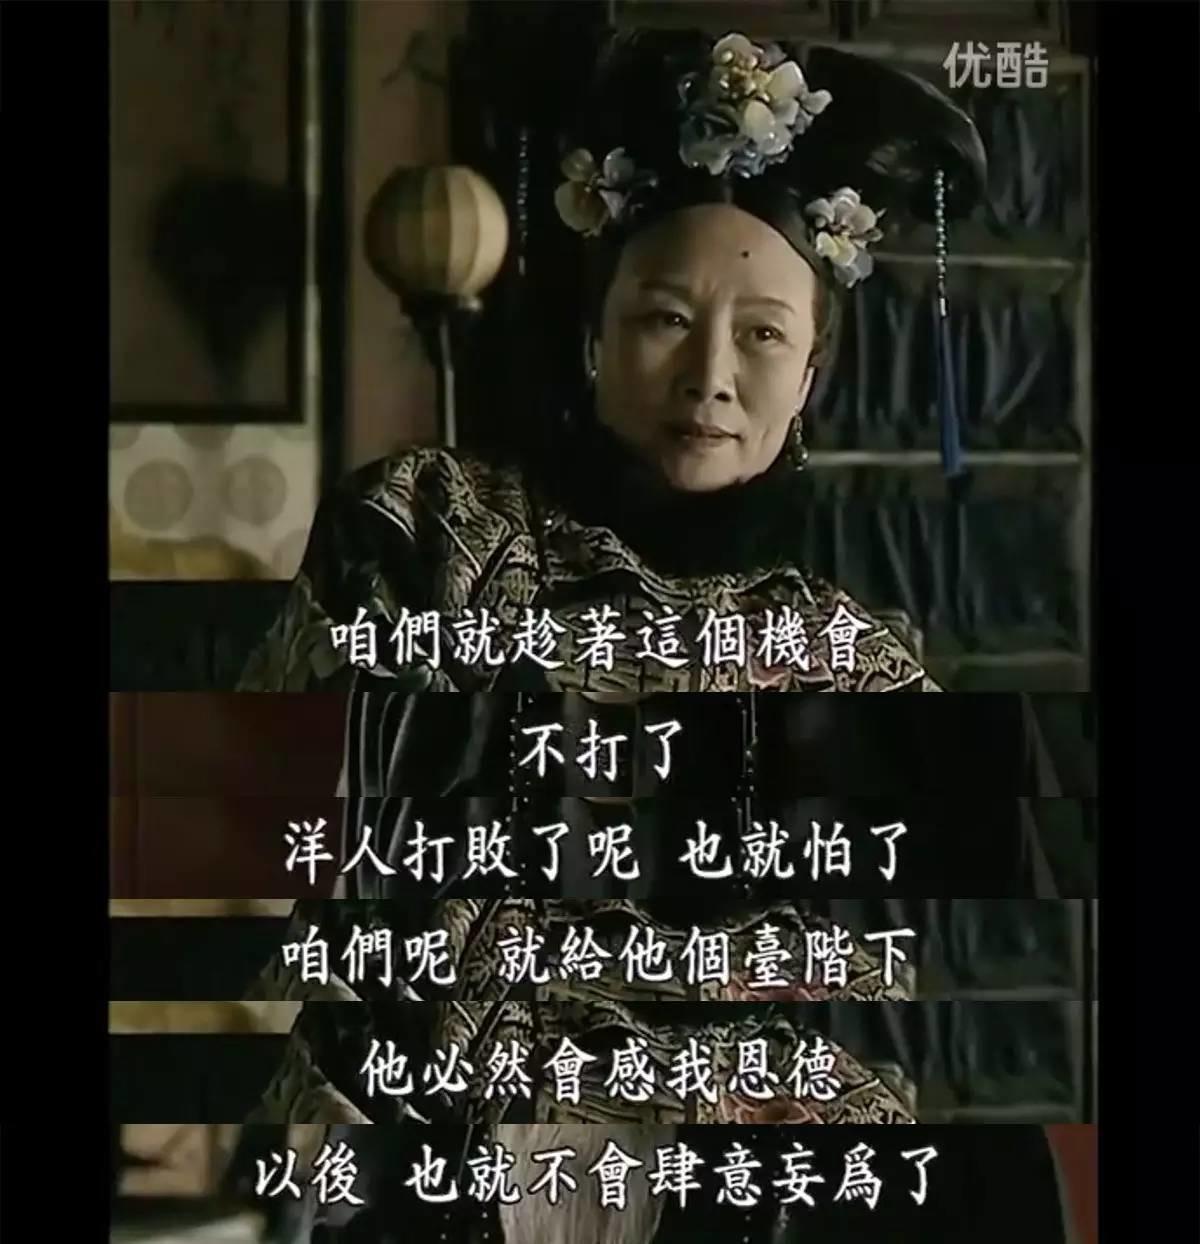 """【异闻观止】部署""""萨德""""一切免谈 ,中国没空陪你们扯淡!"""